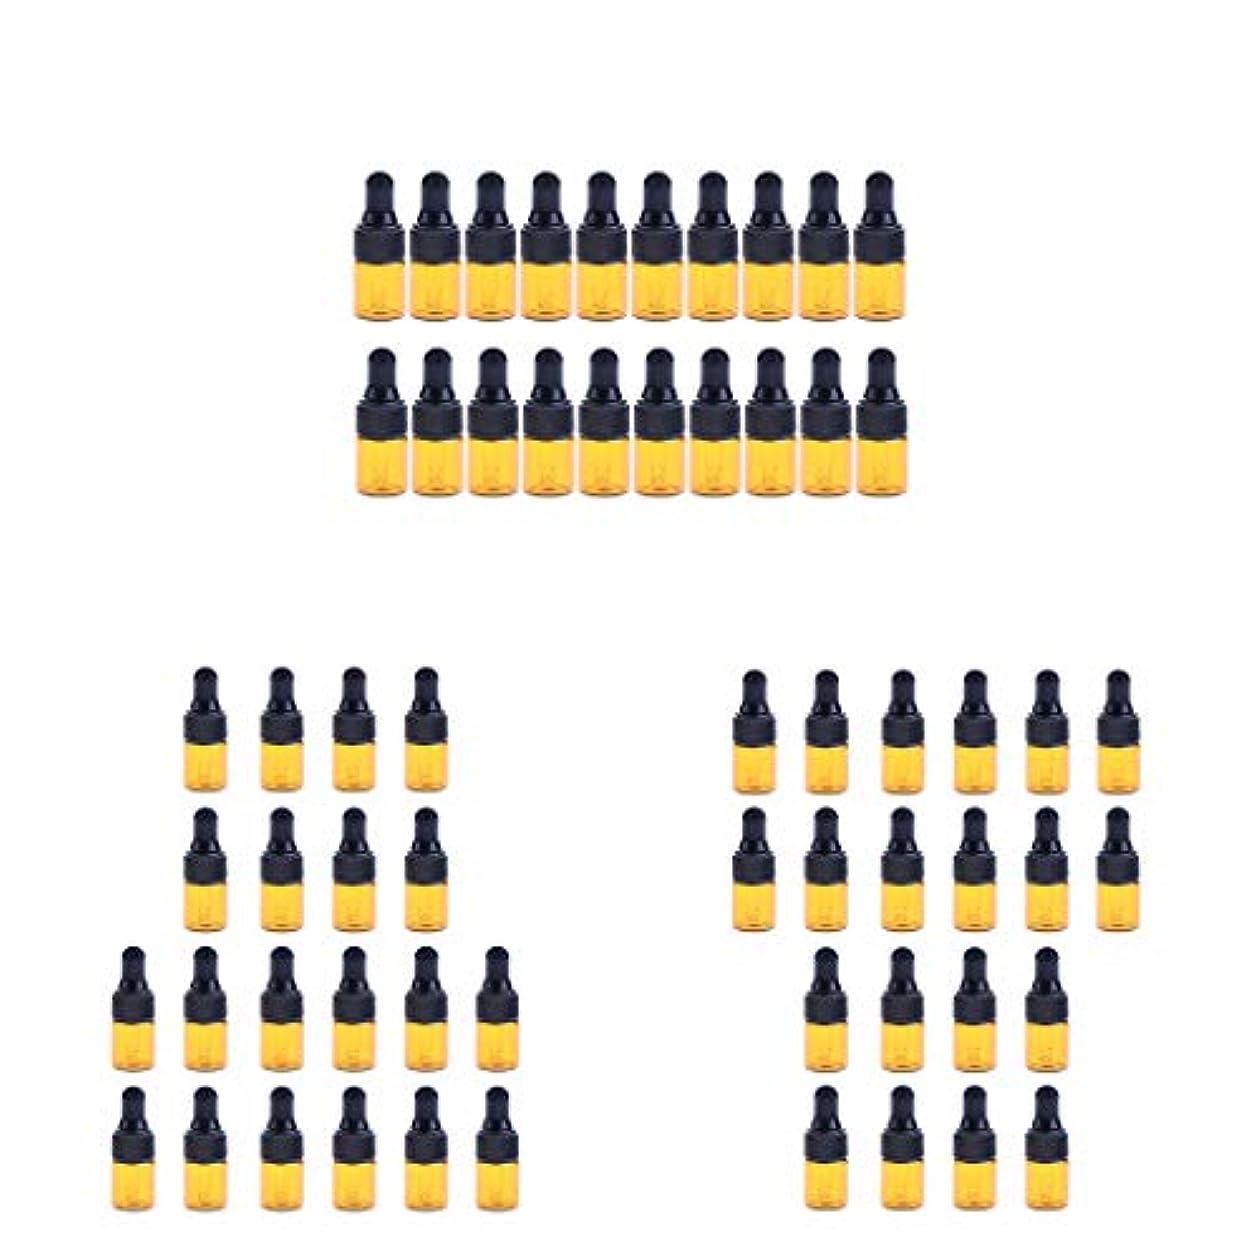 祭司上下する改修dailymall エッセンシャルオイル ボトル ガラス ドロッパーボトル 3 Ml 約60ピースセット